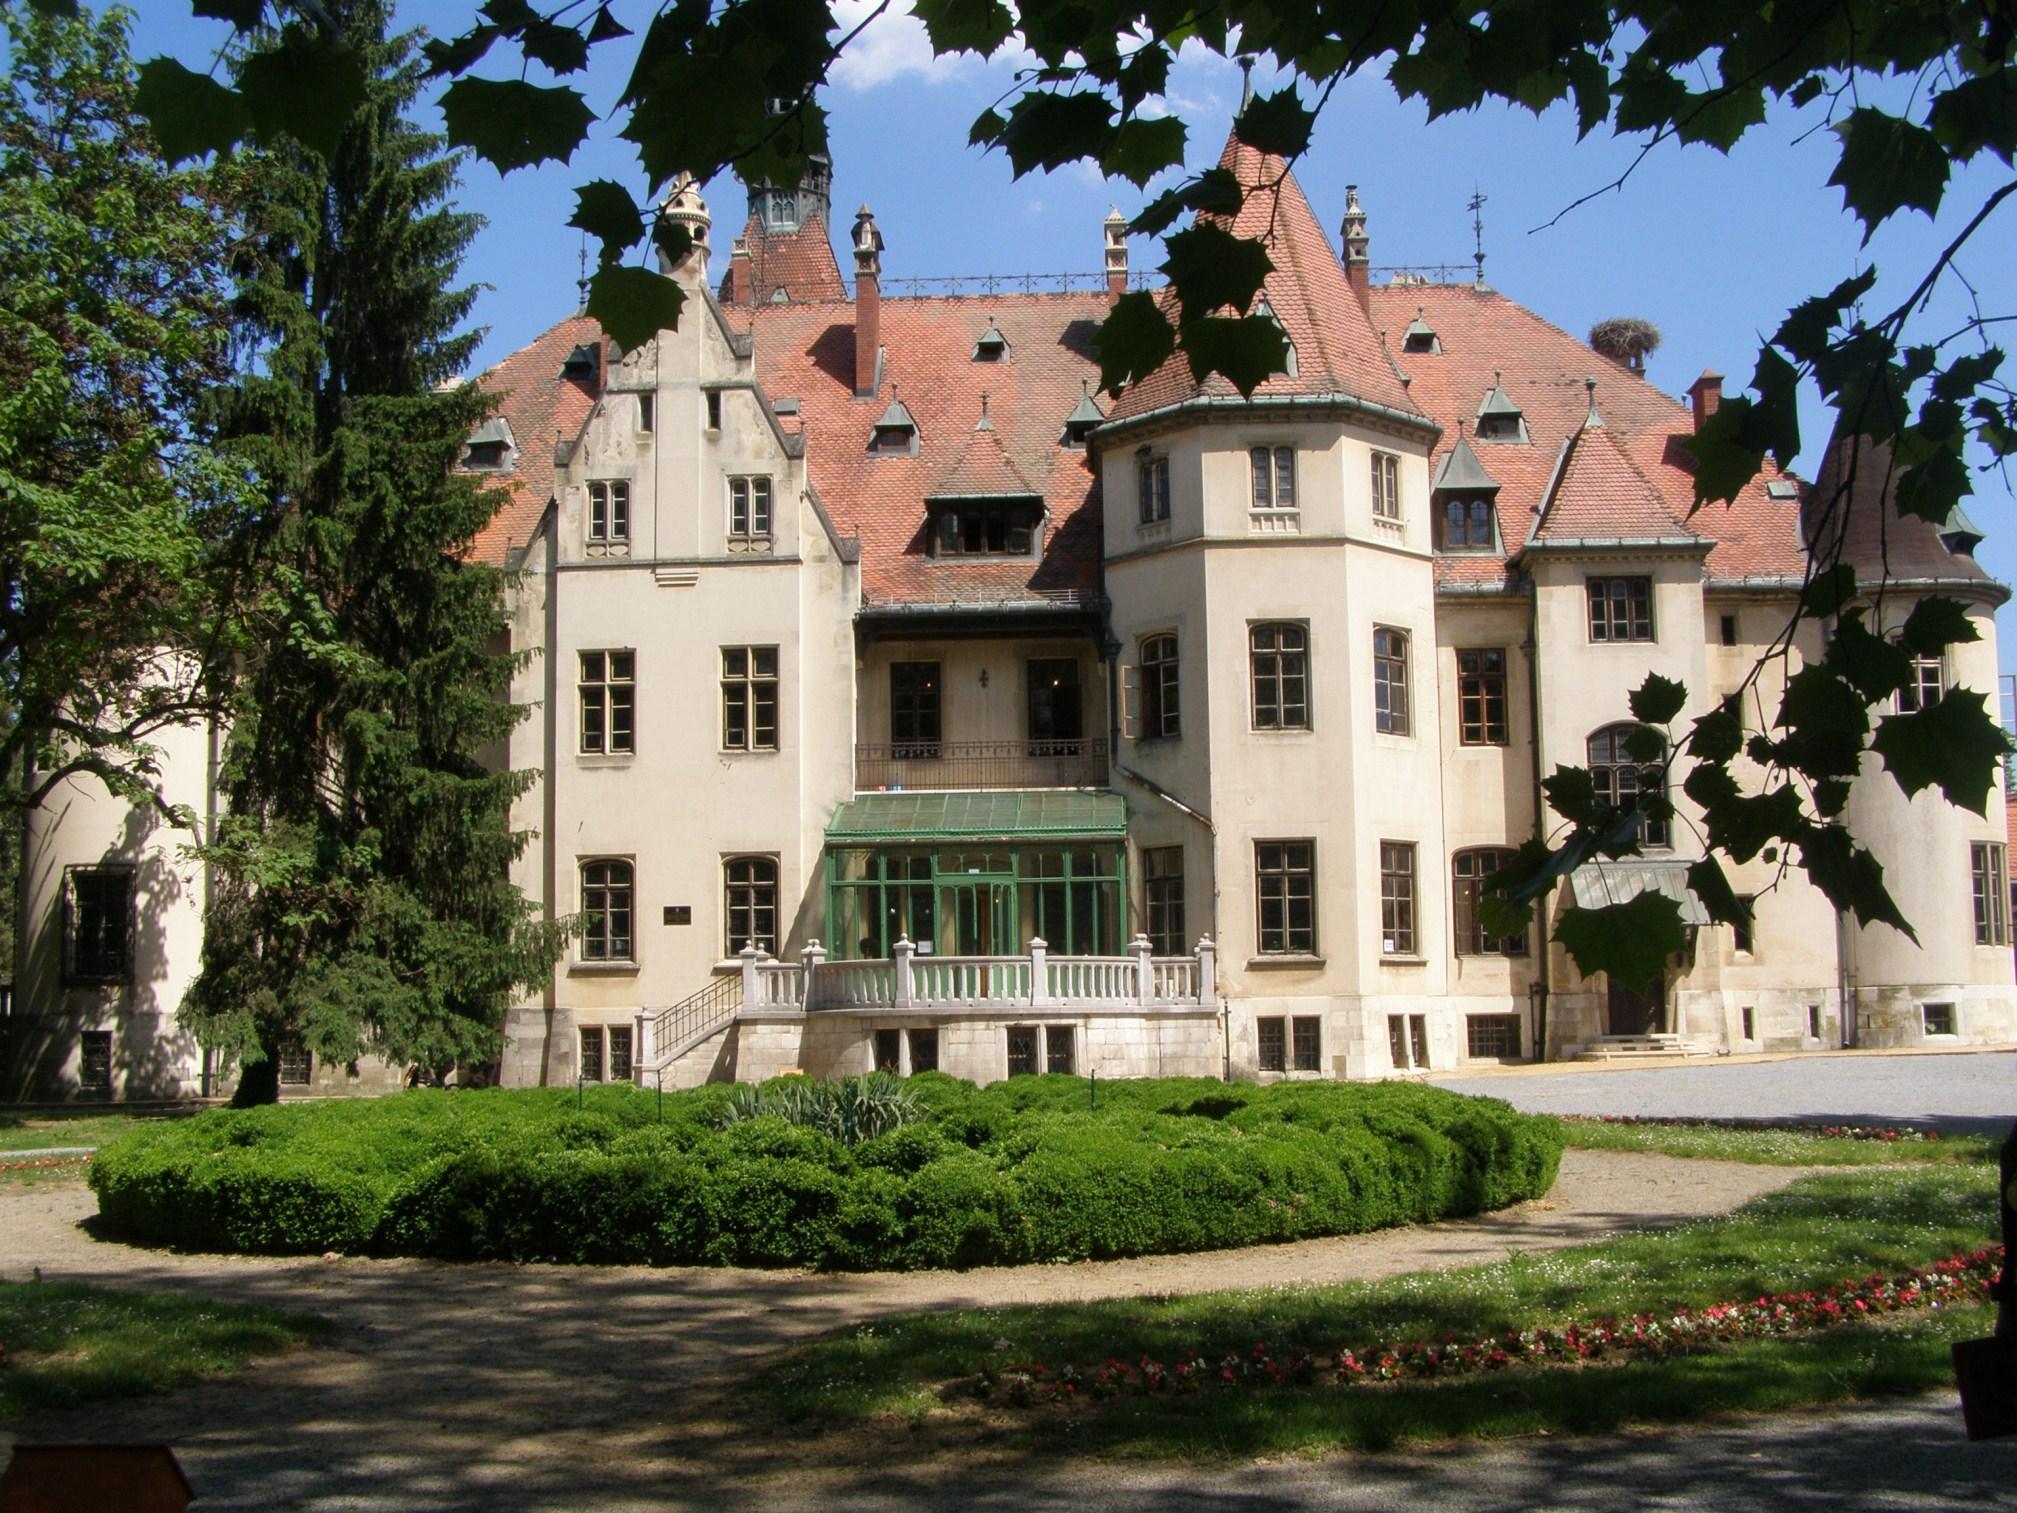 Slavonski plemići i najljepši dvorci Slavonije: Donji Miholjac: Dvorac Mailath